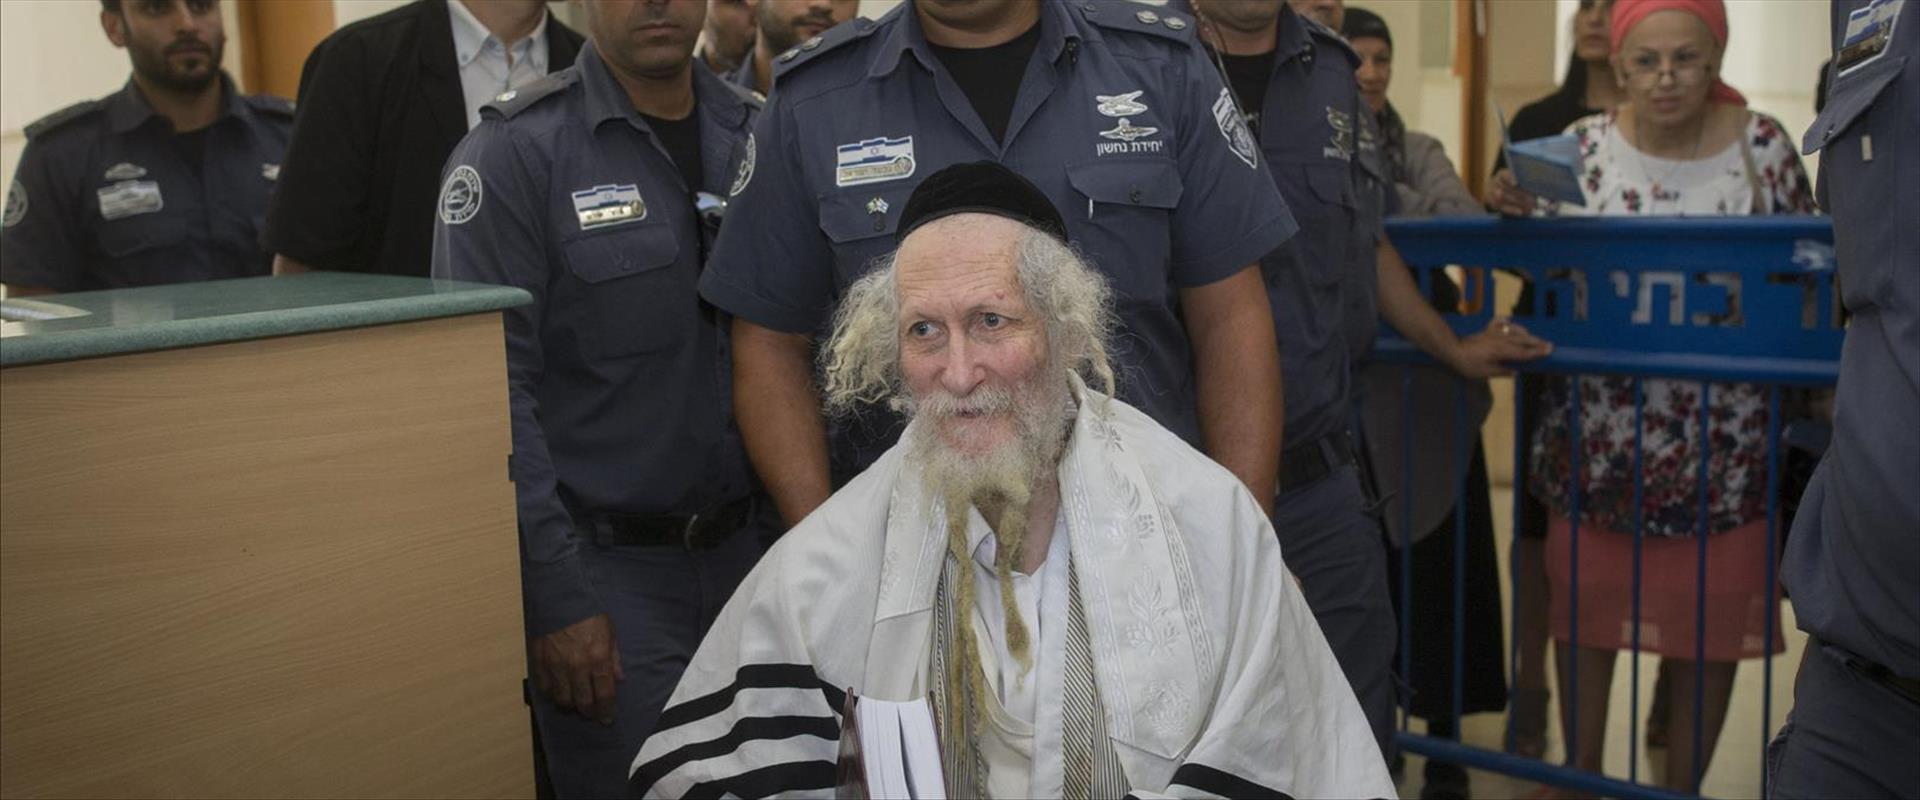 הרב אליעזר ברלנד במהלך משפטו